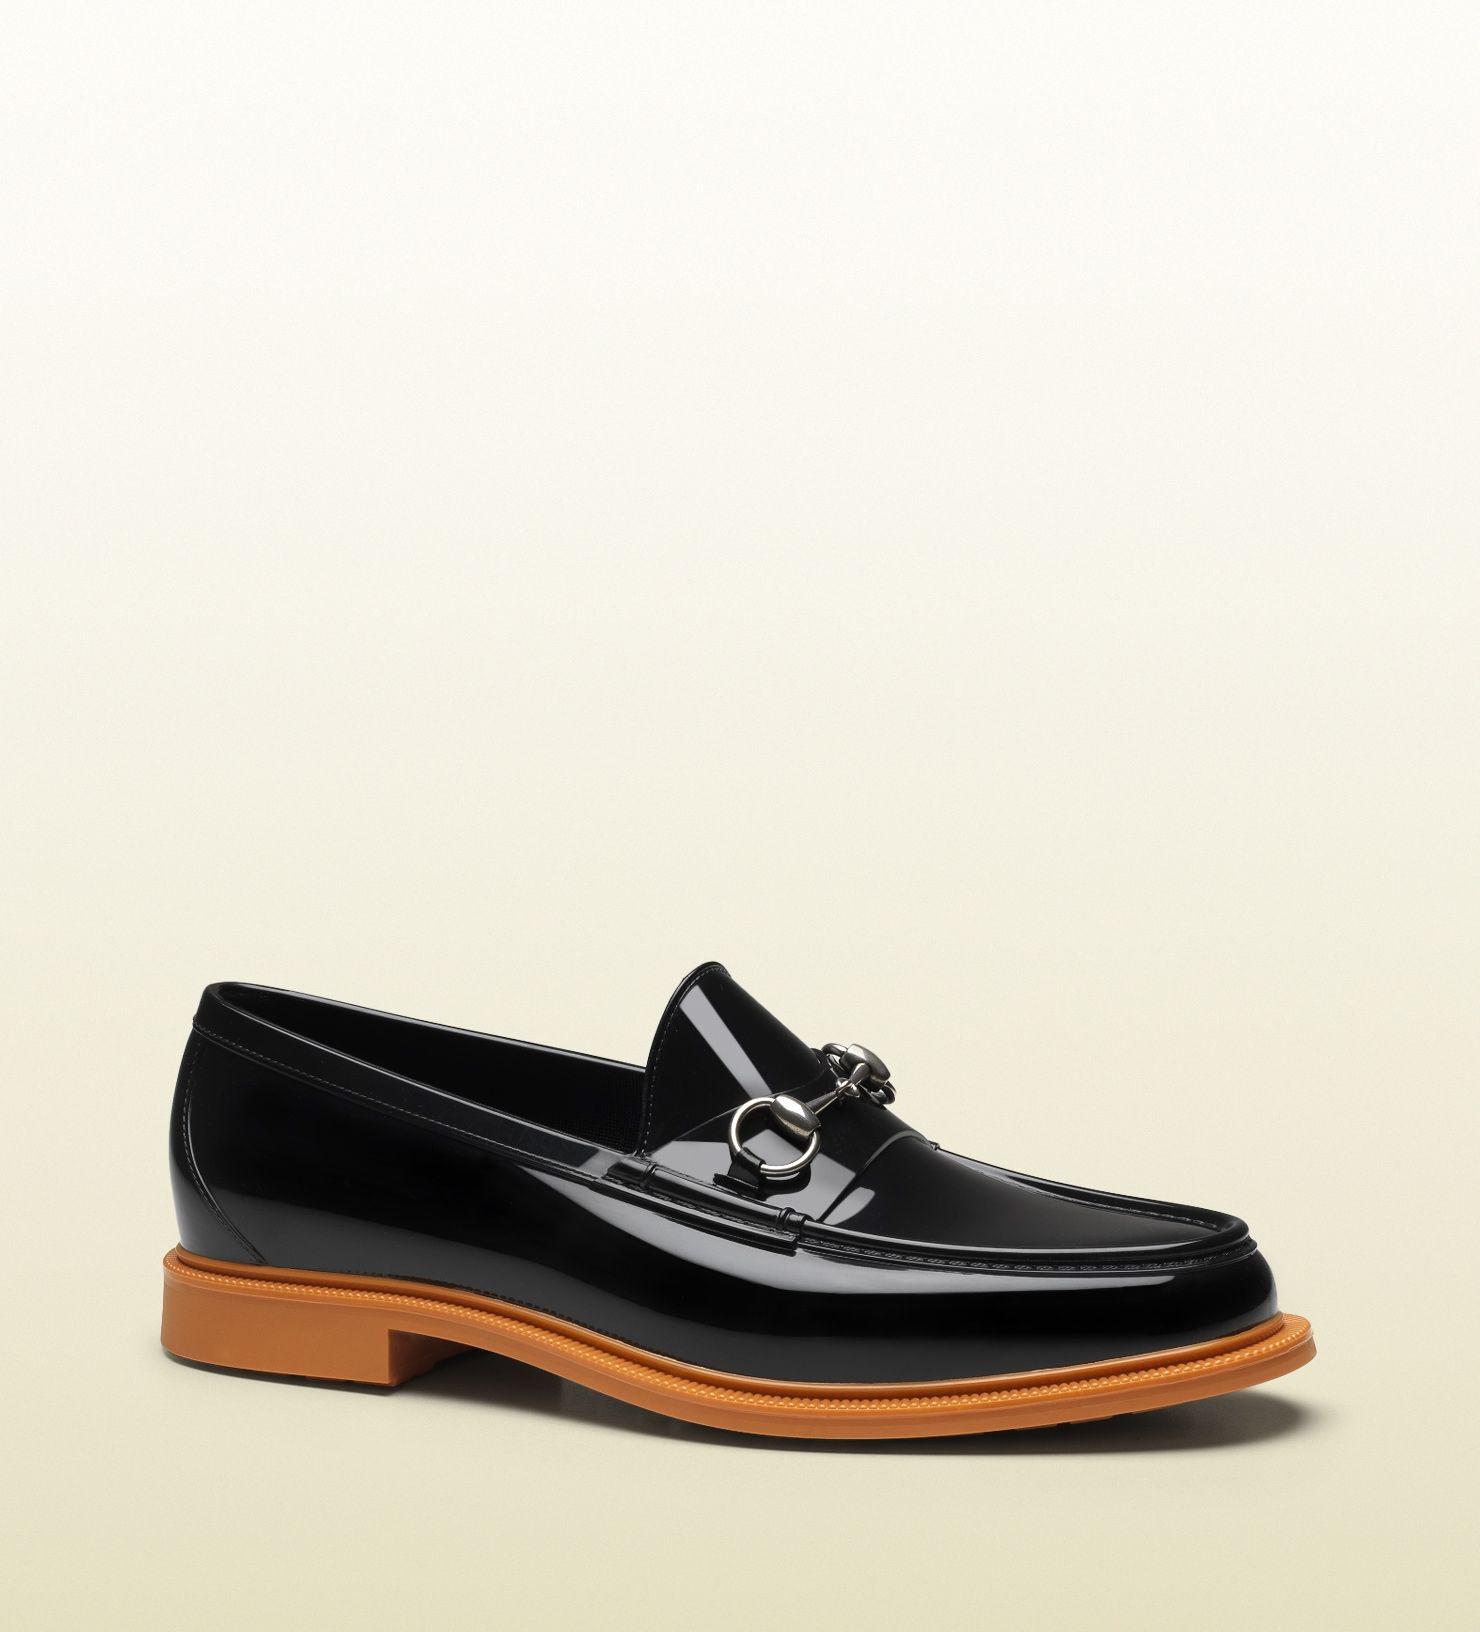 Y 3 men's sneakers in khaki tech fabric   Luxury Brand